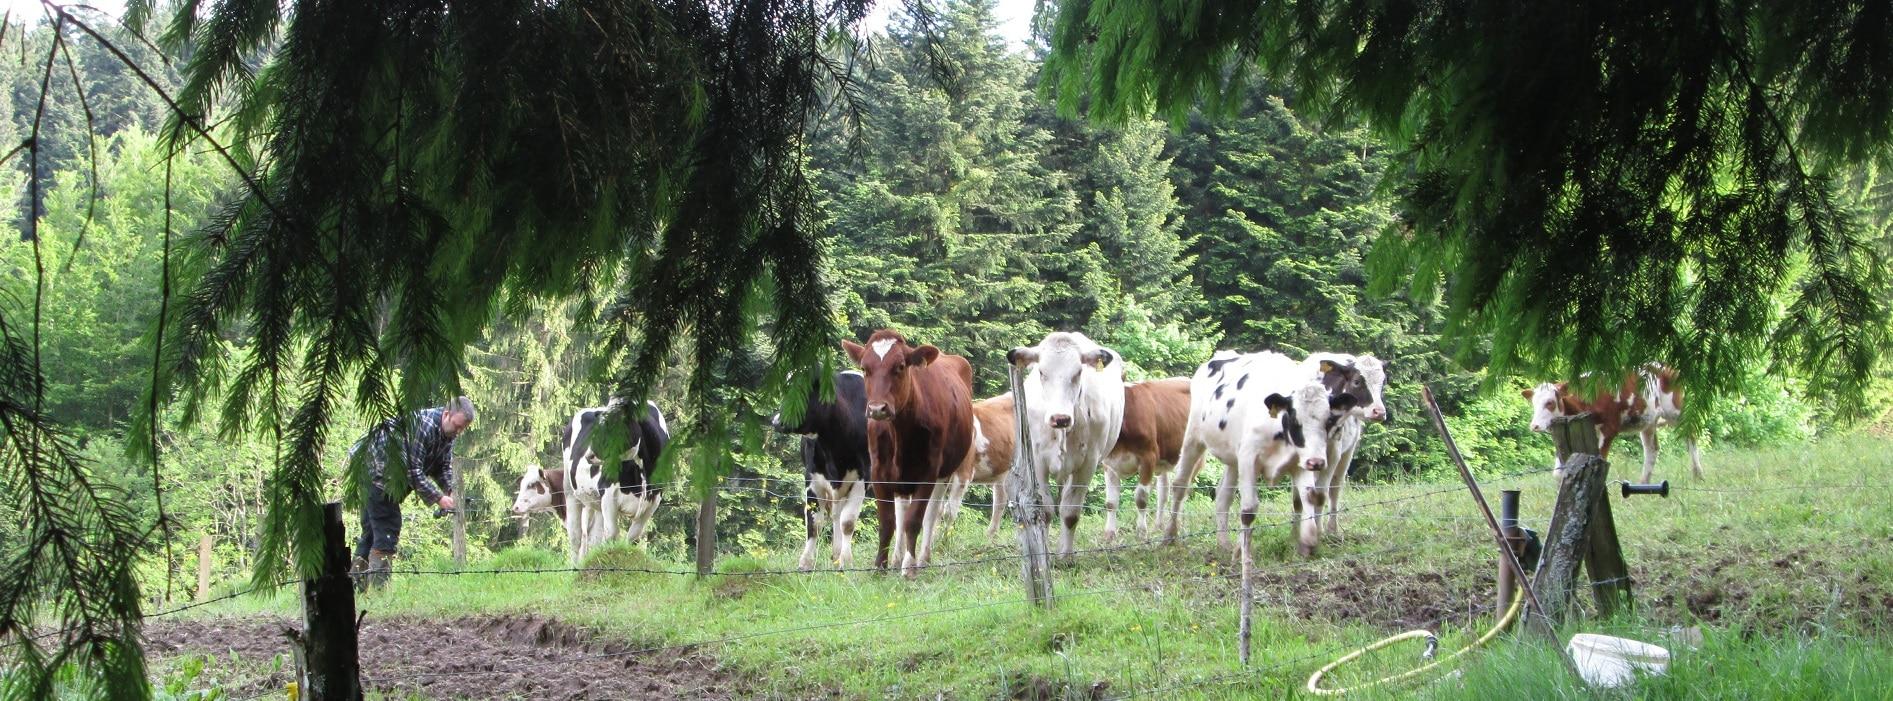 Kühe auf der Weide am Rand vom Wald